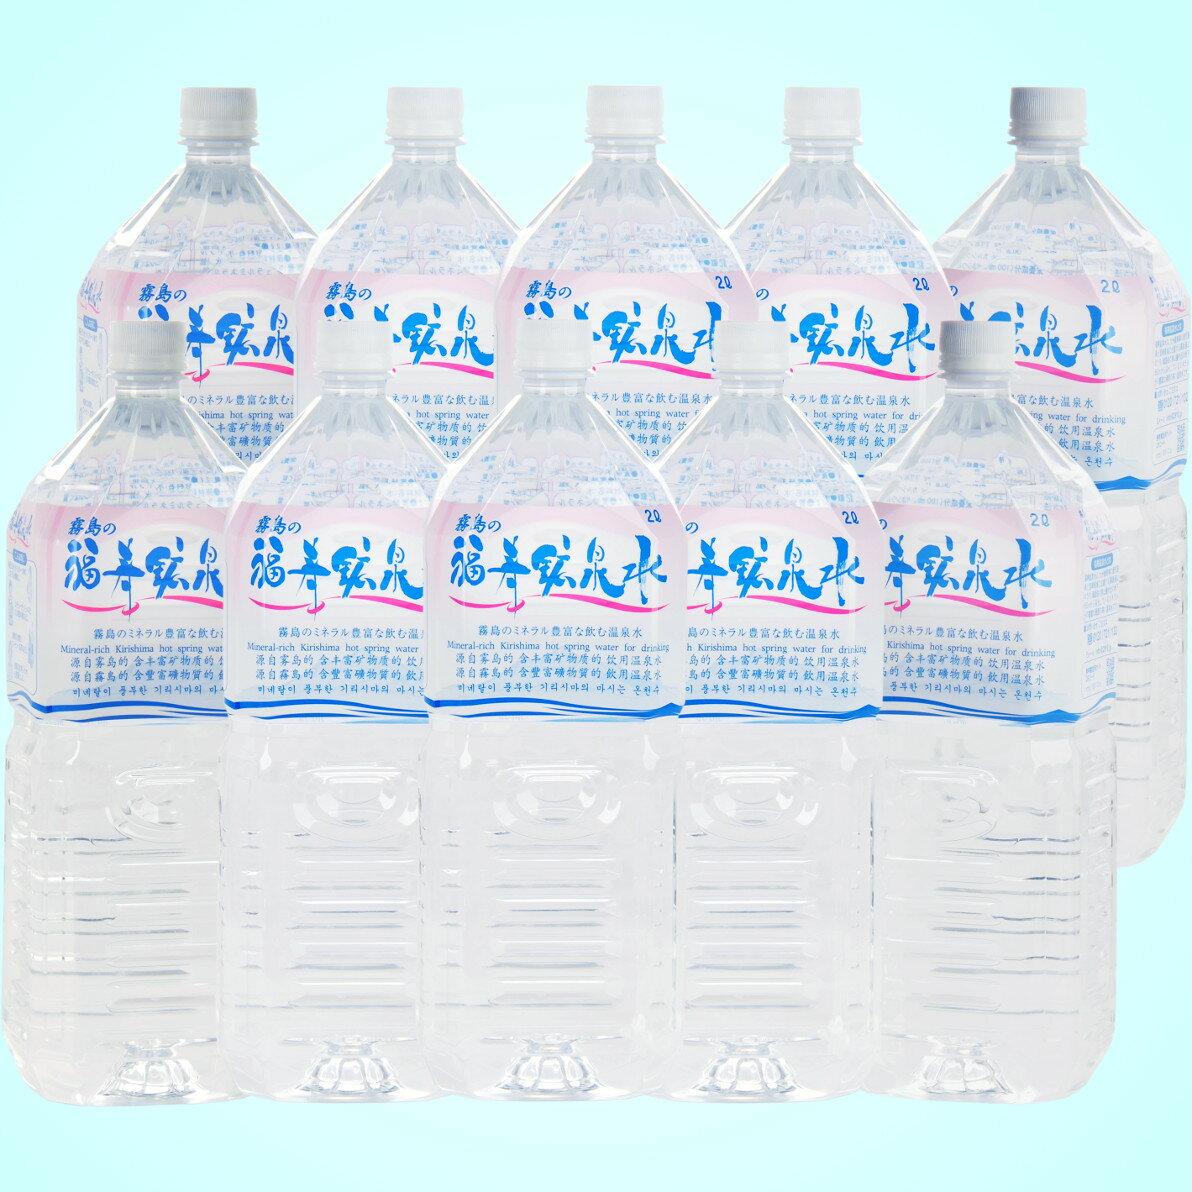 【送料無料】霧島の福寿鉱泉水 2Lペットボトル×10本箱入 天然温泉水(硬水・シリカ水)